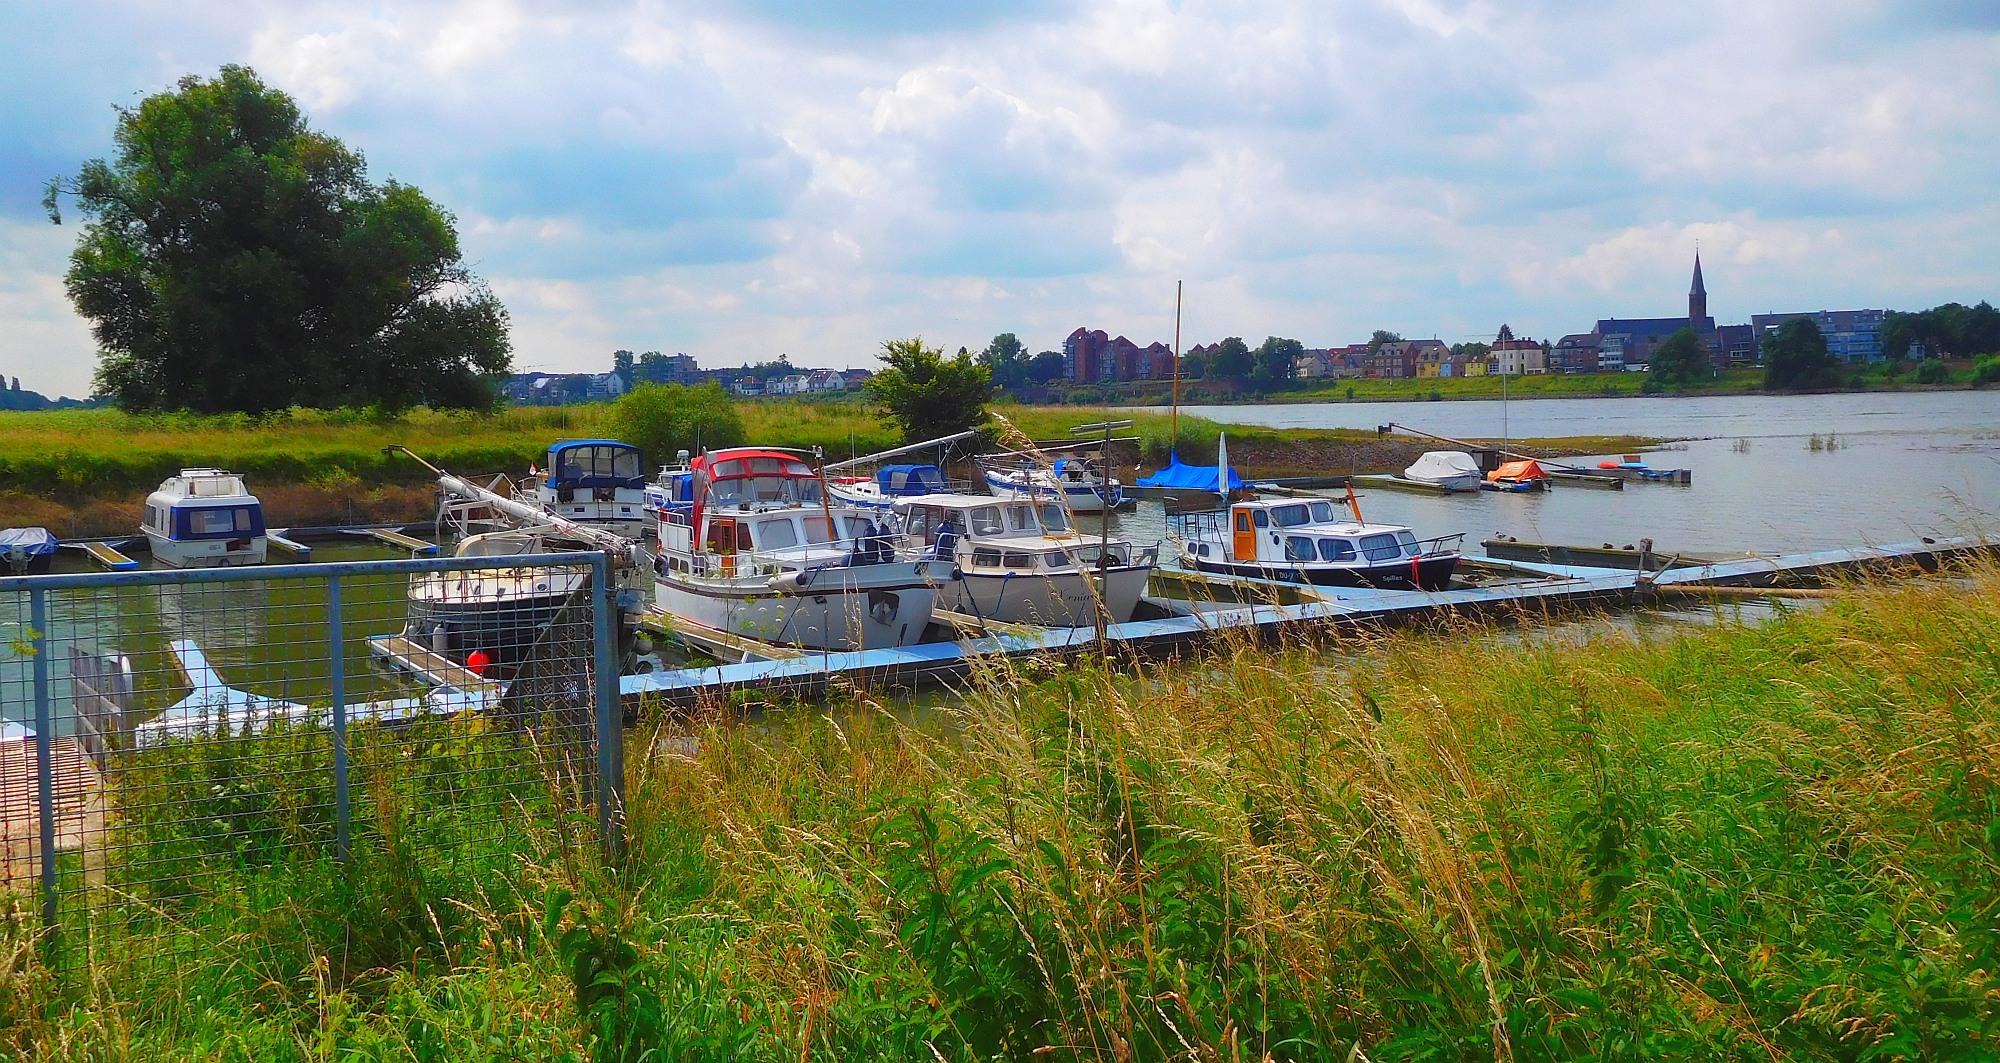 Der kleine Yachthafen bei Volmerswerth